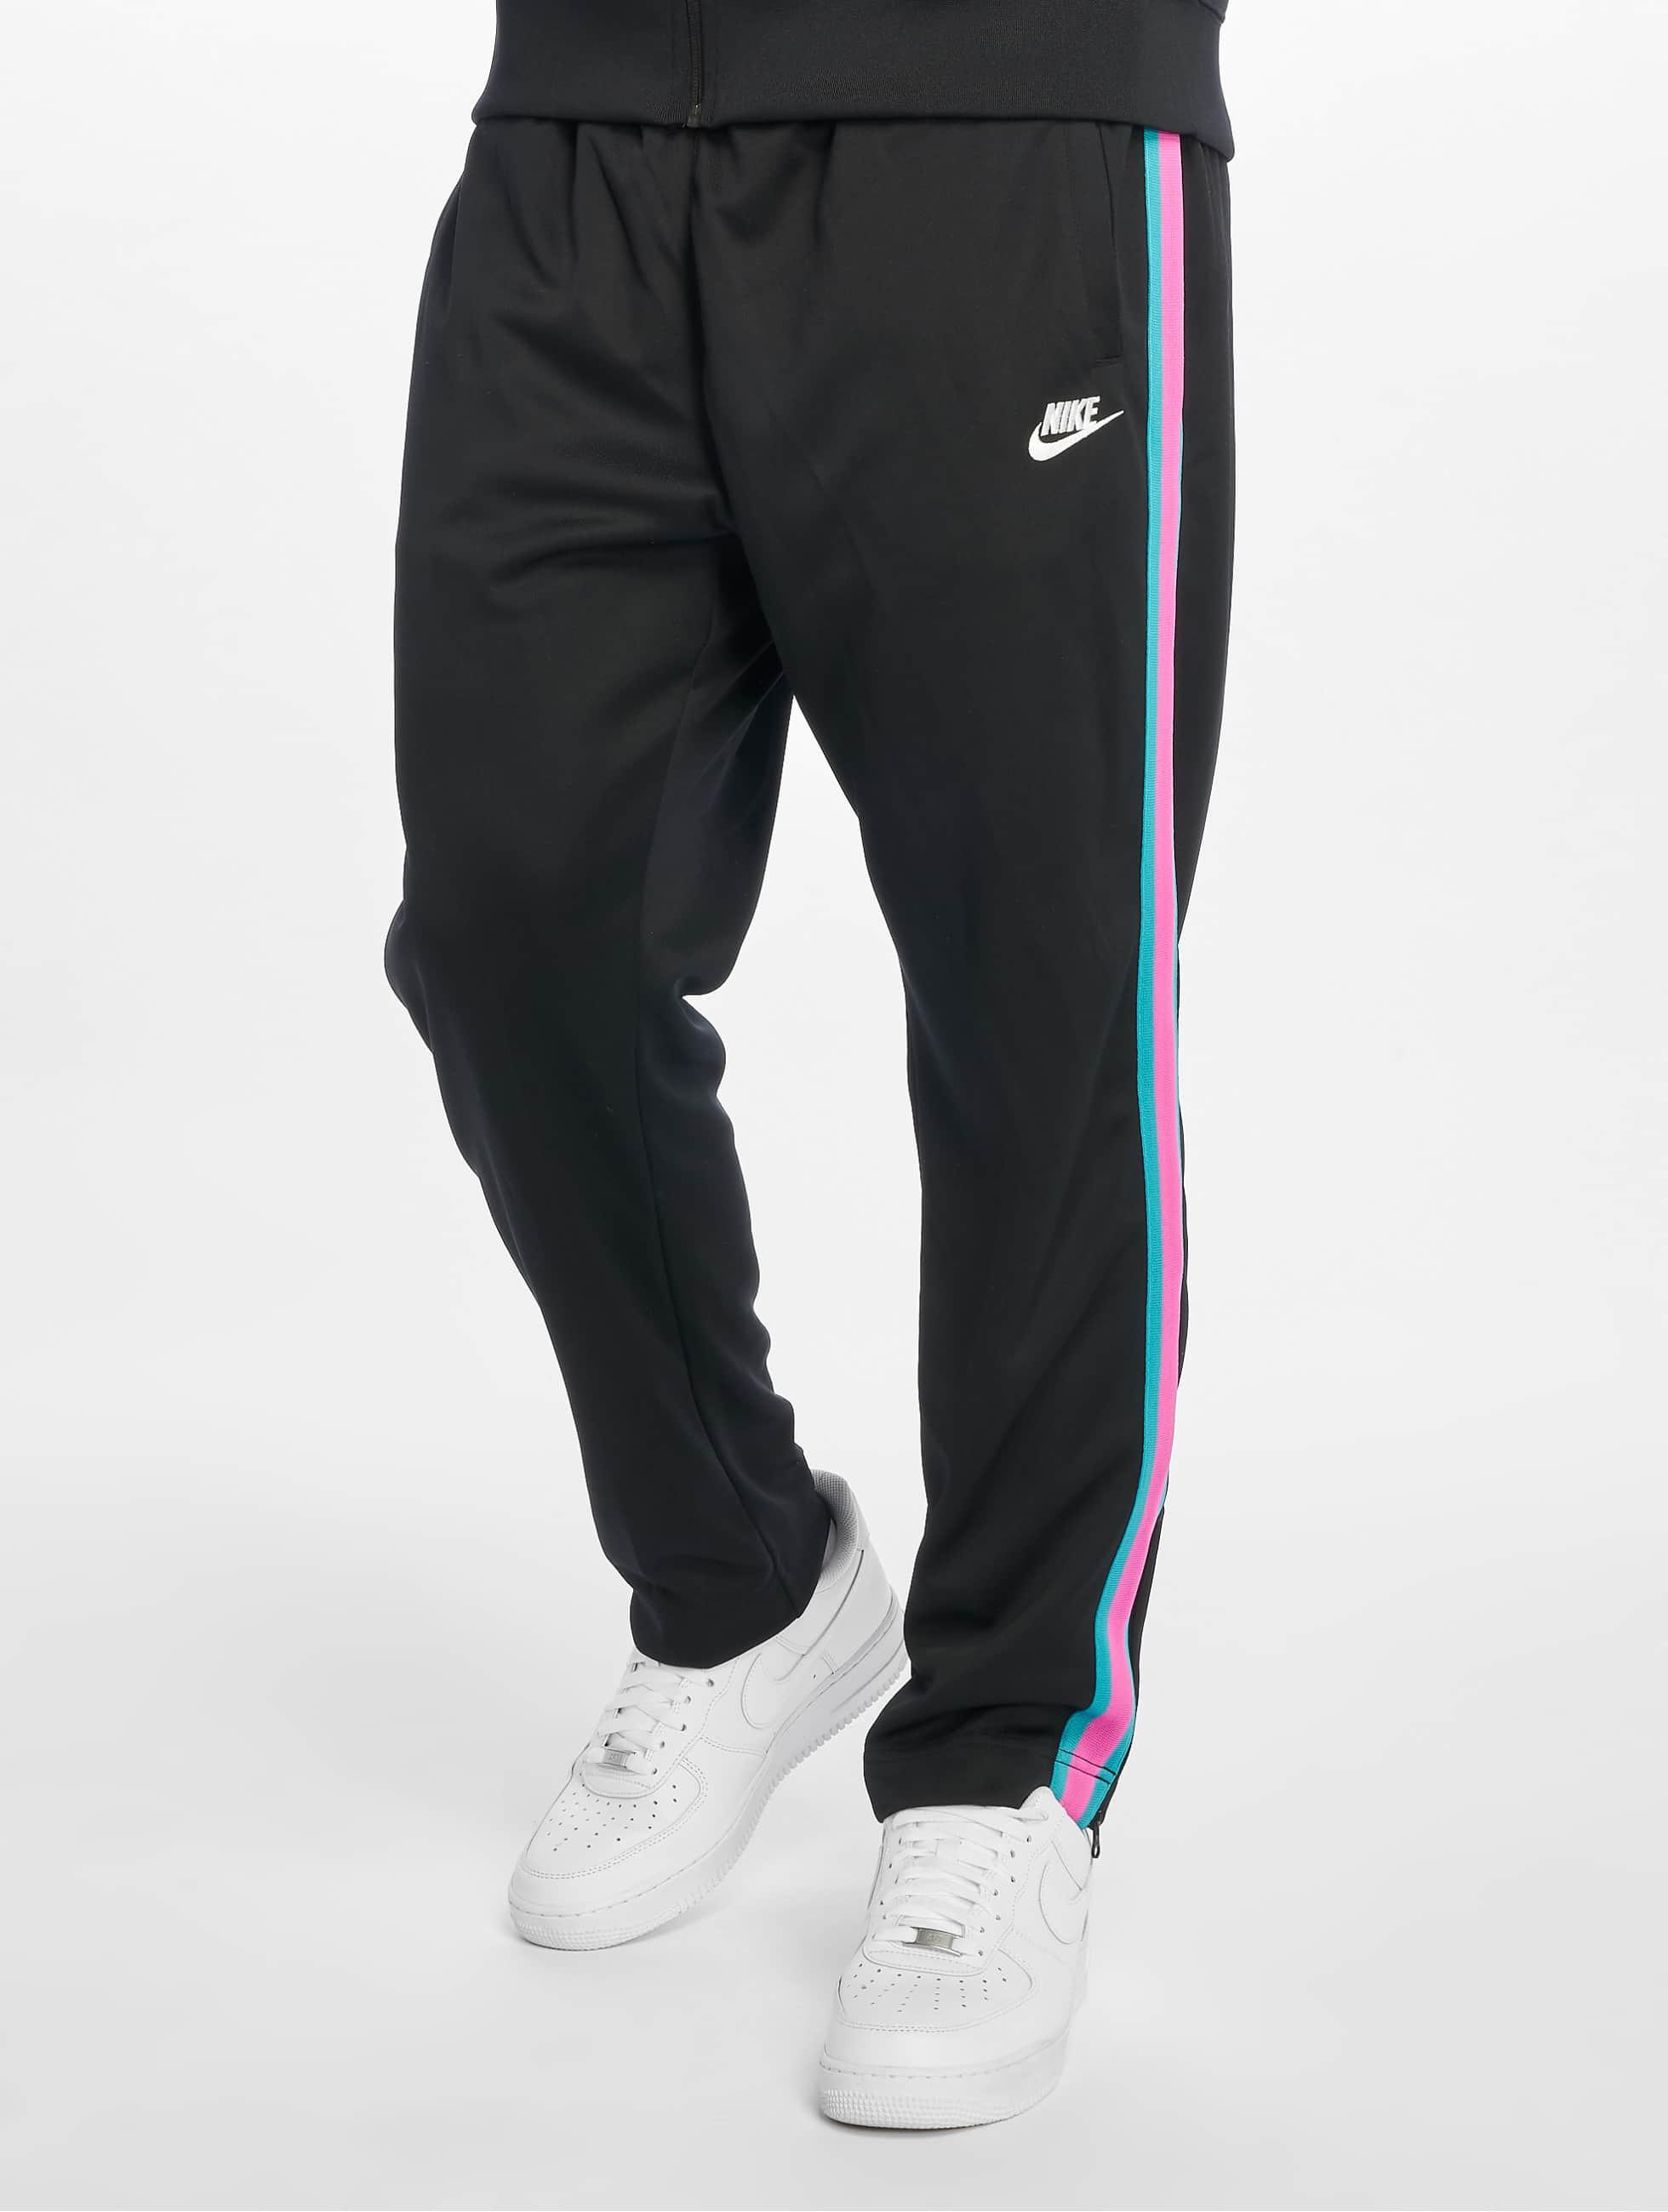 3519431f84117 Nike Herren Jogginghose Sportswear in schwarz 581853